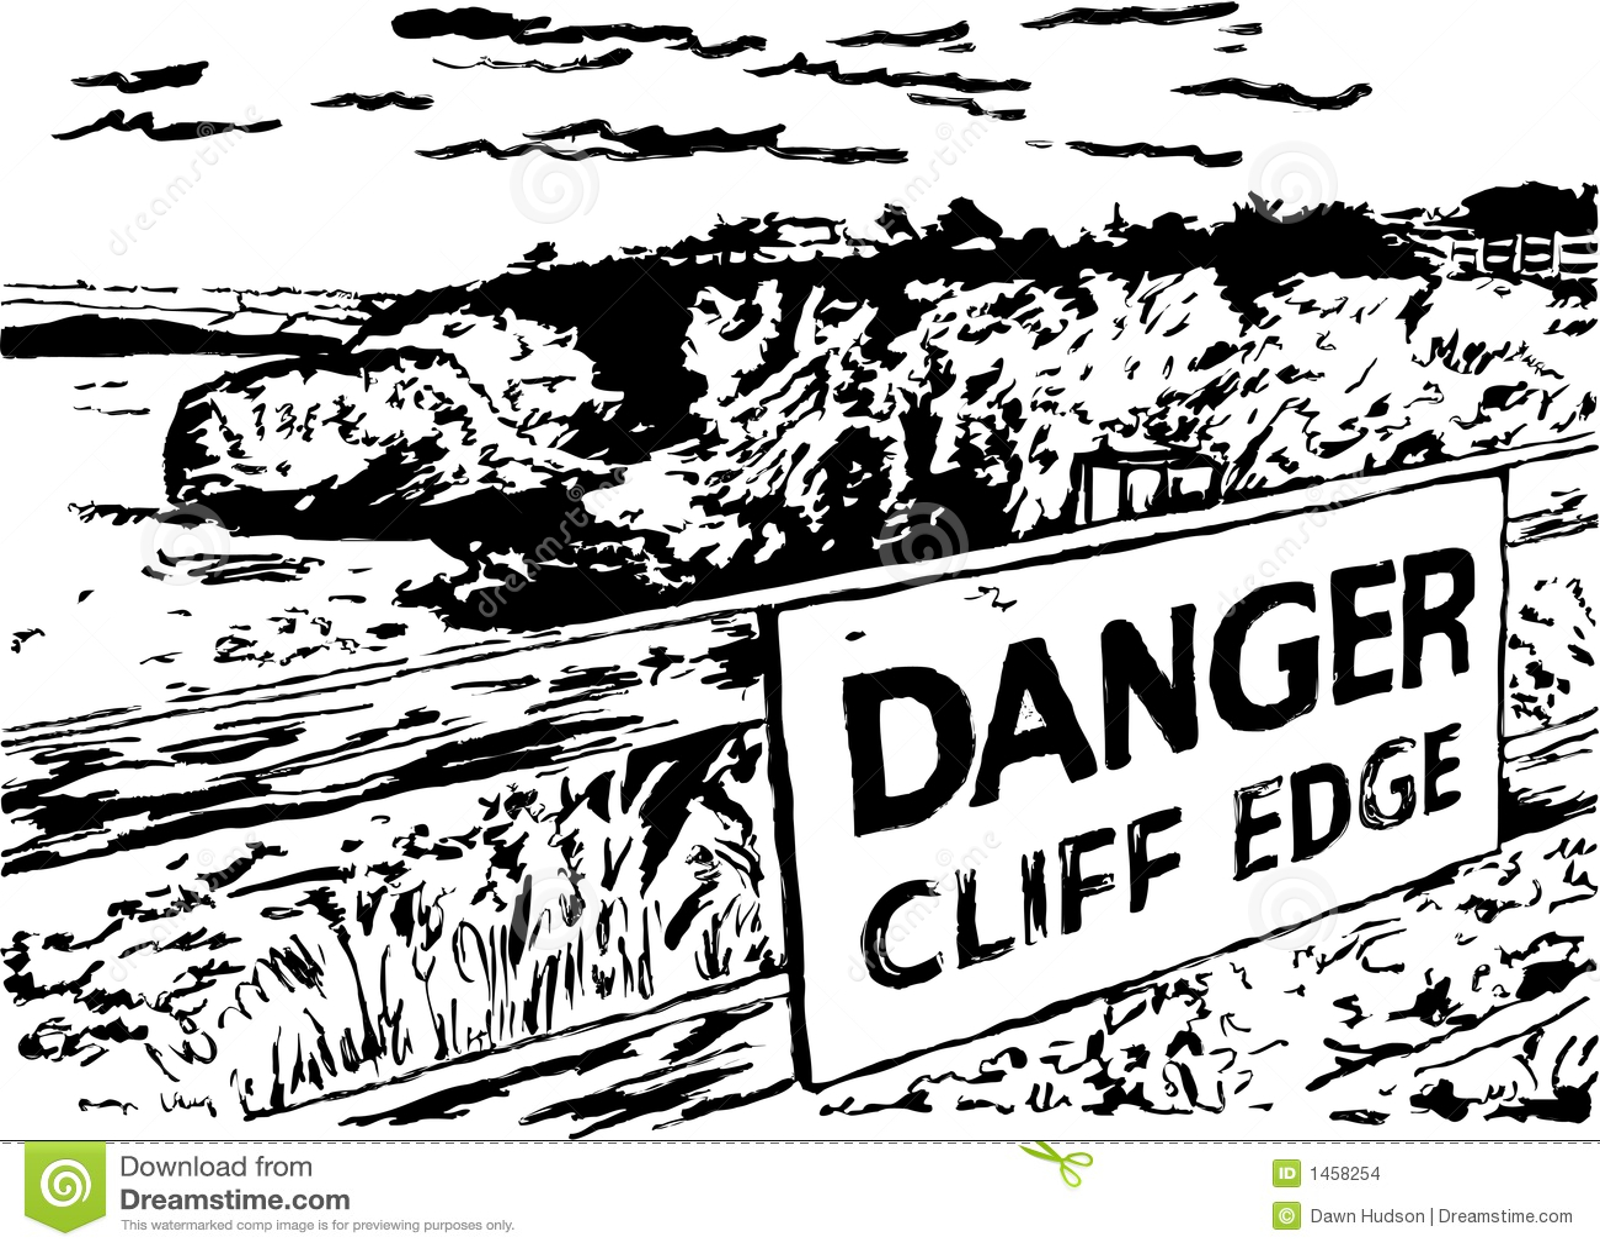 Danger Cliff Edge Stock Images